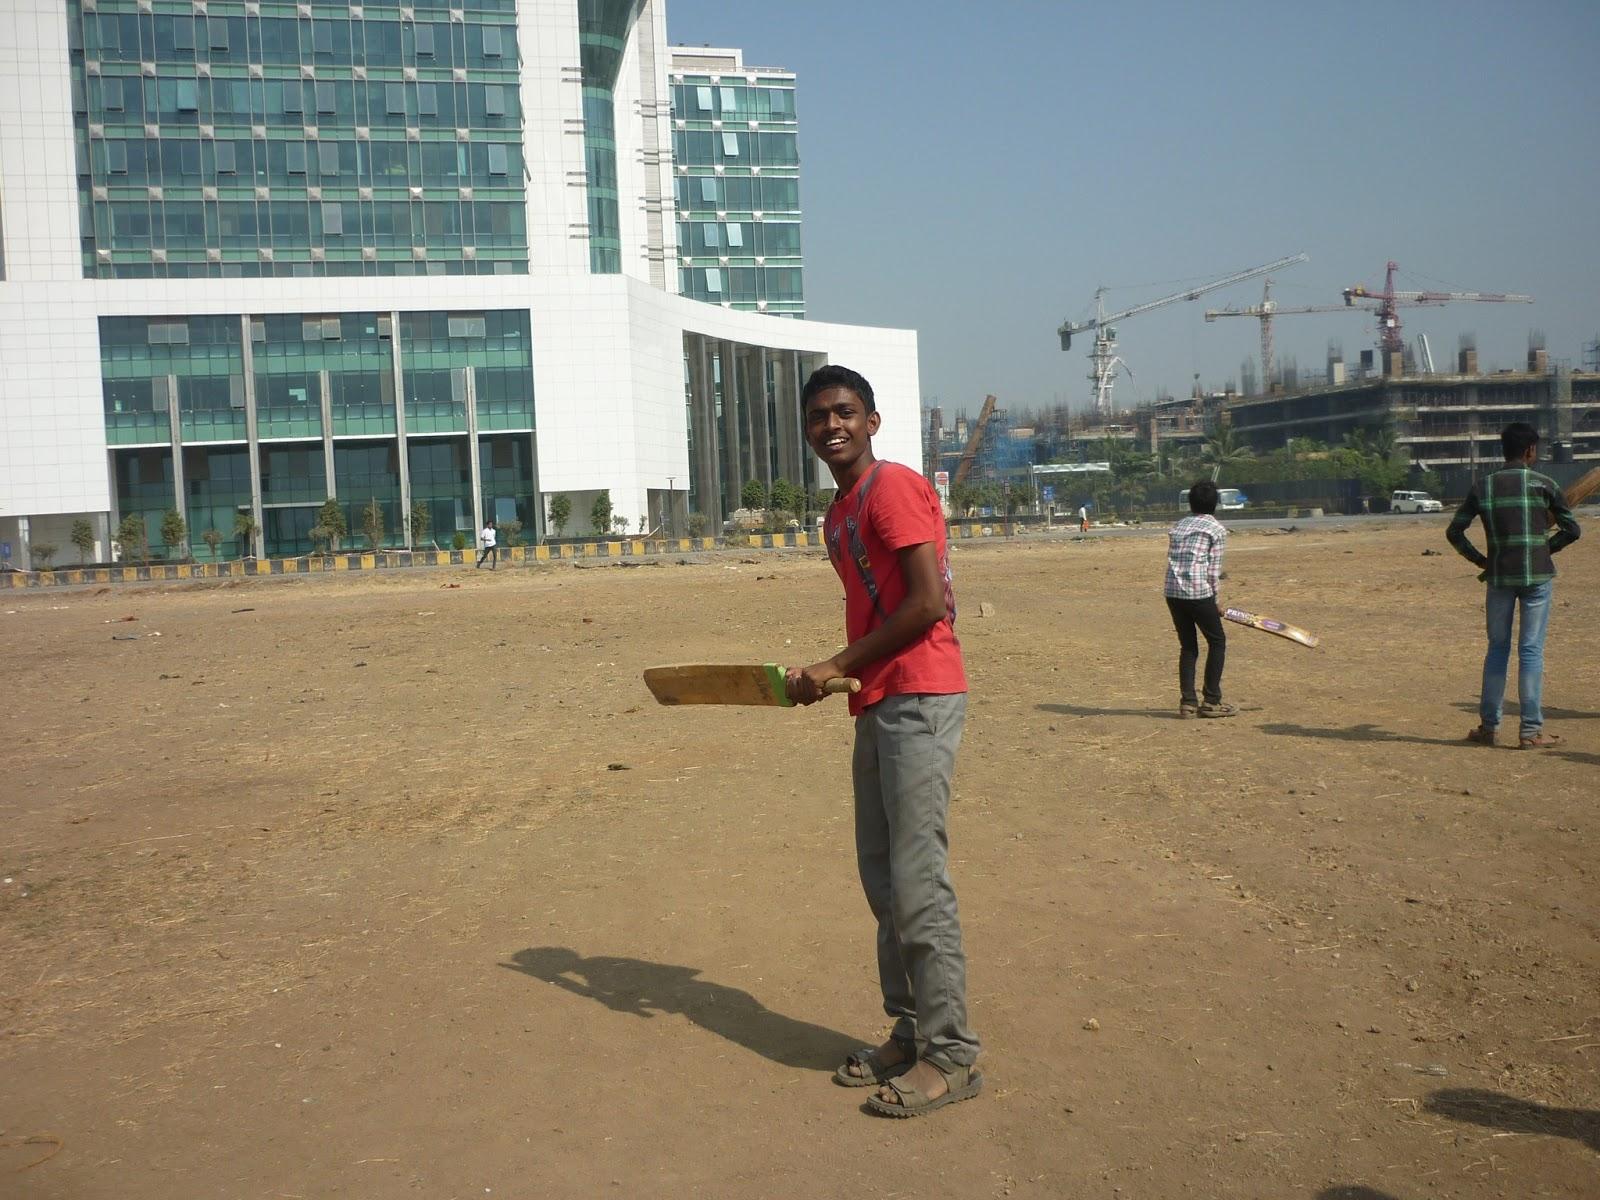 formal essay cricket match